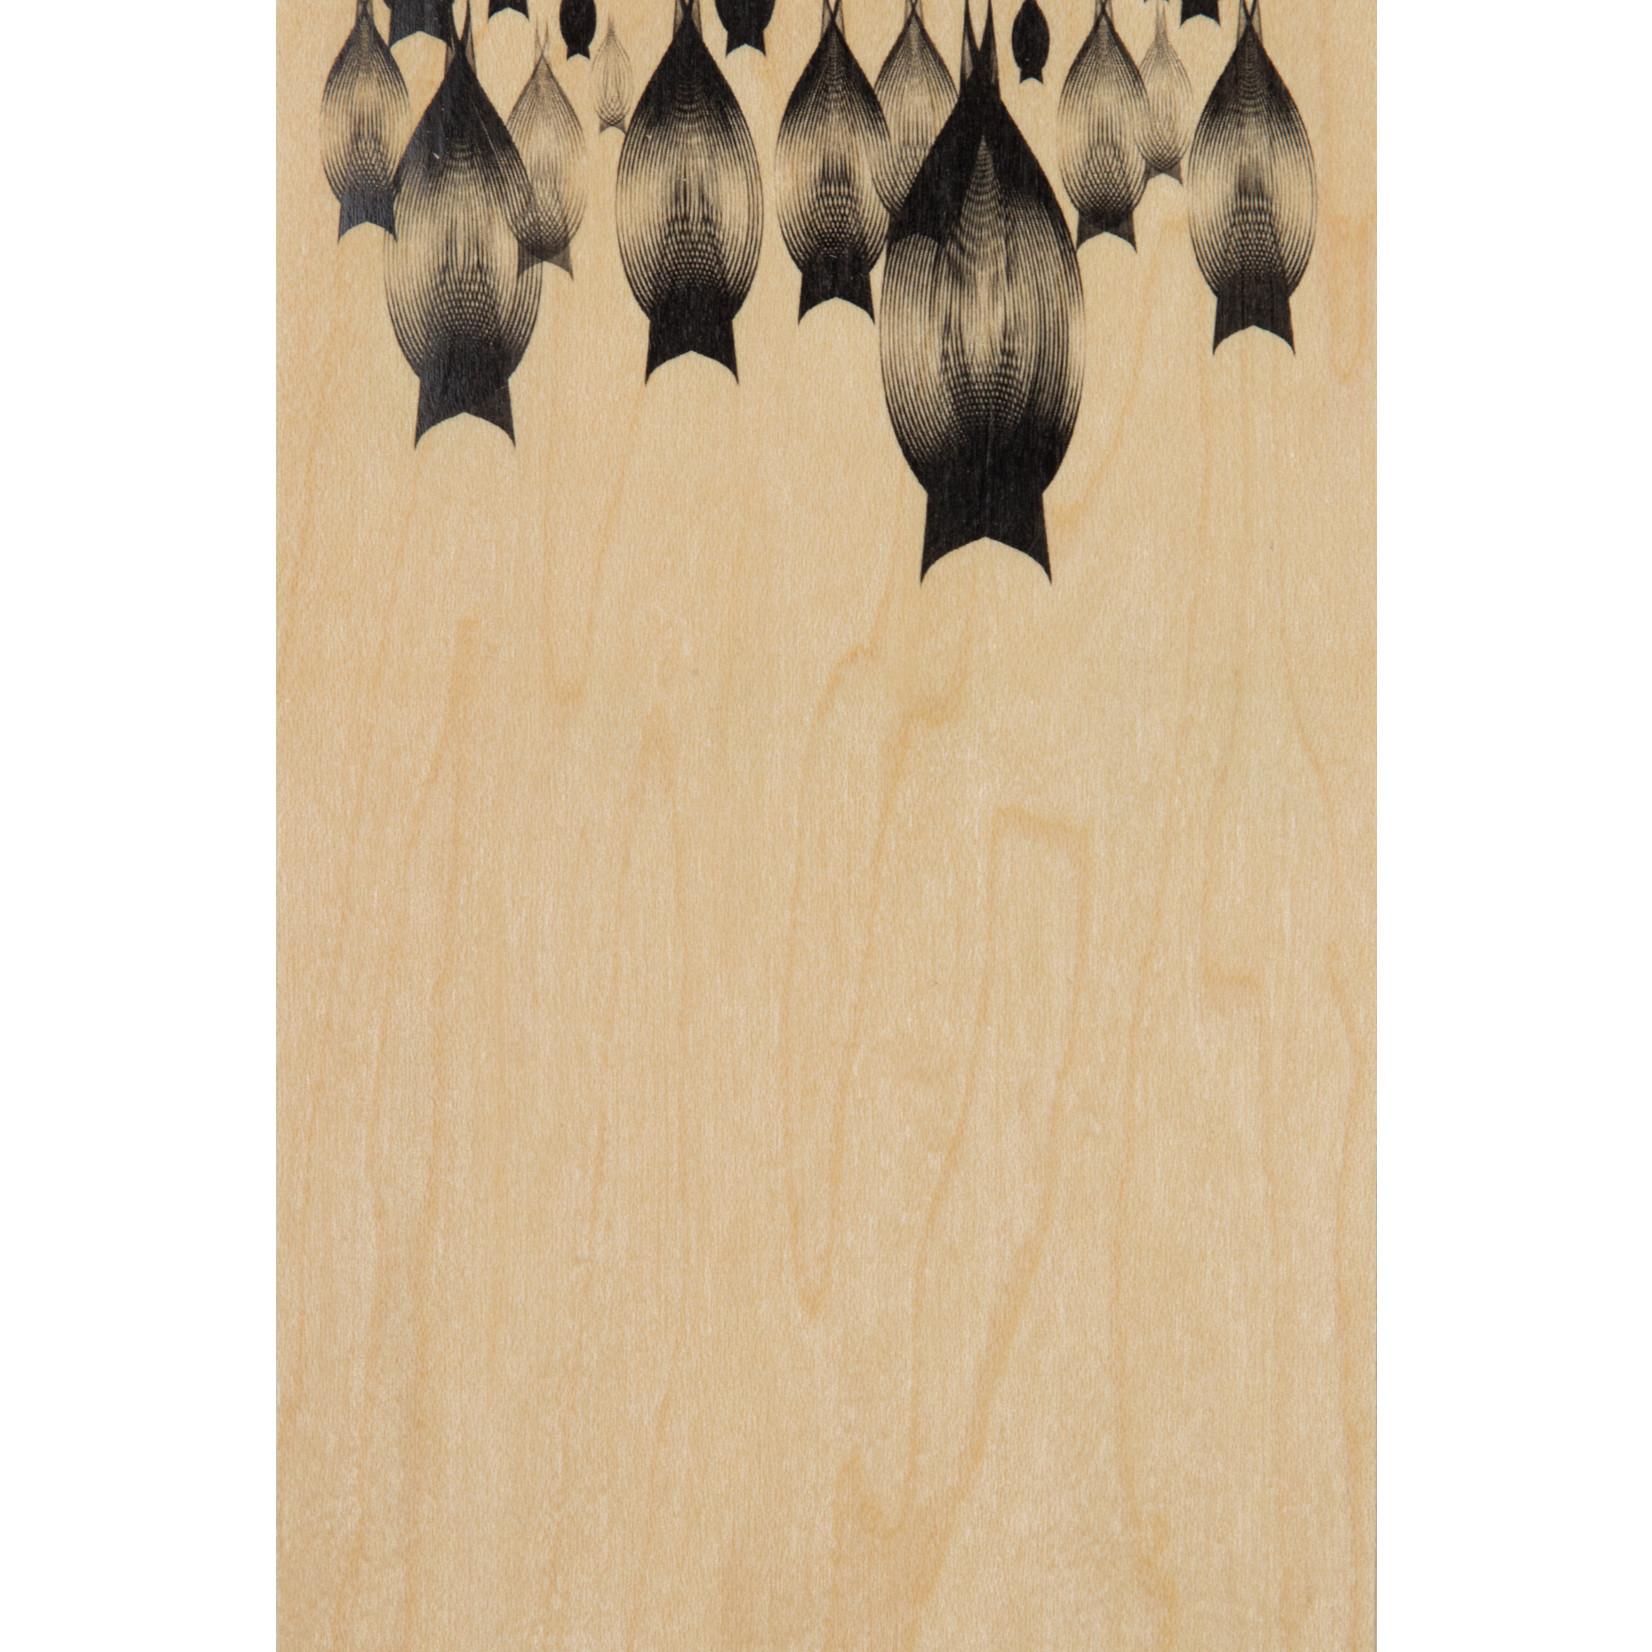 woodhi WOODHI postkaart van hout - Vleermuizen